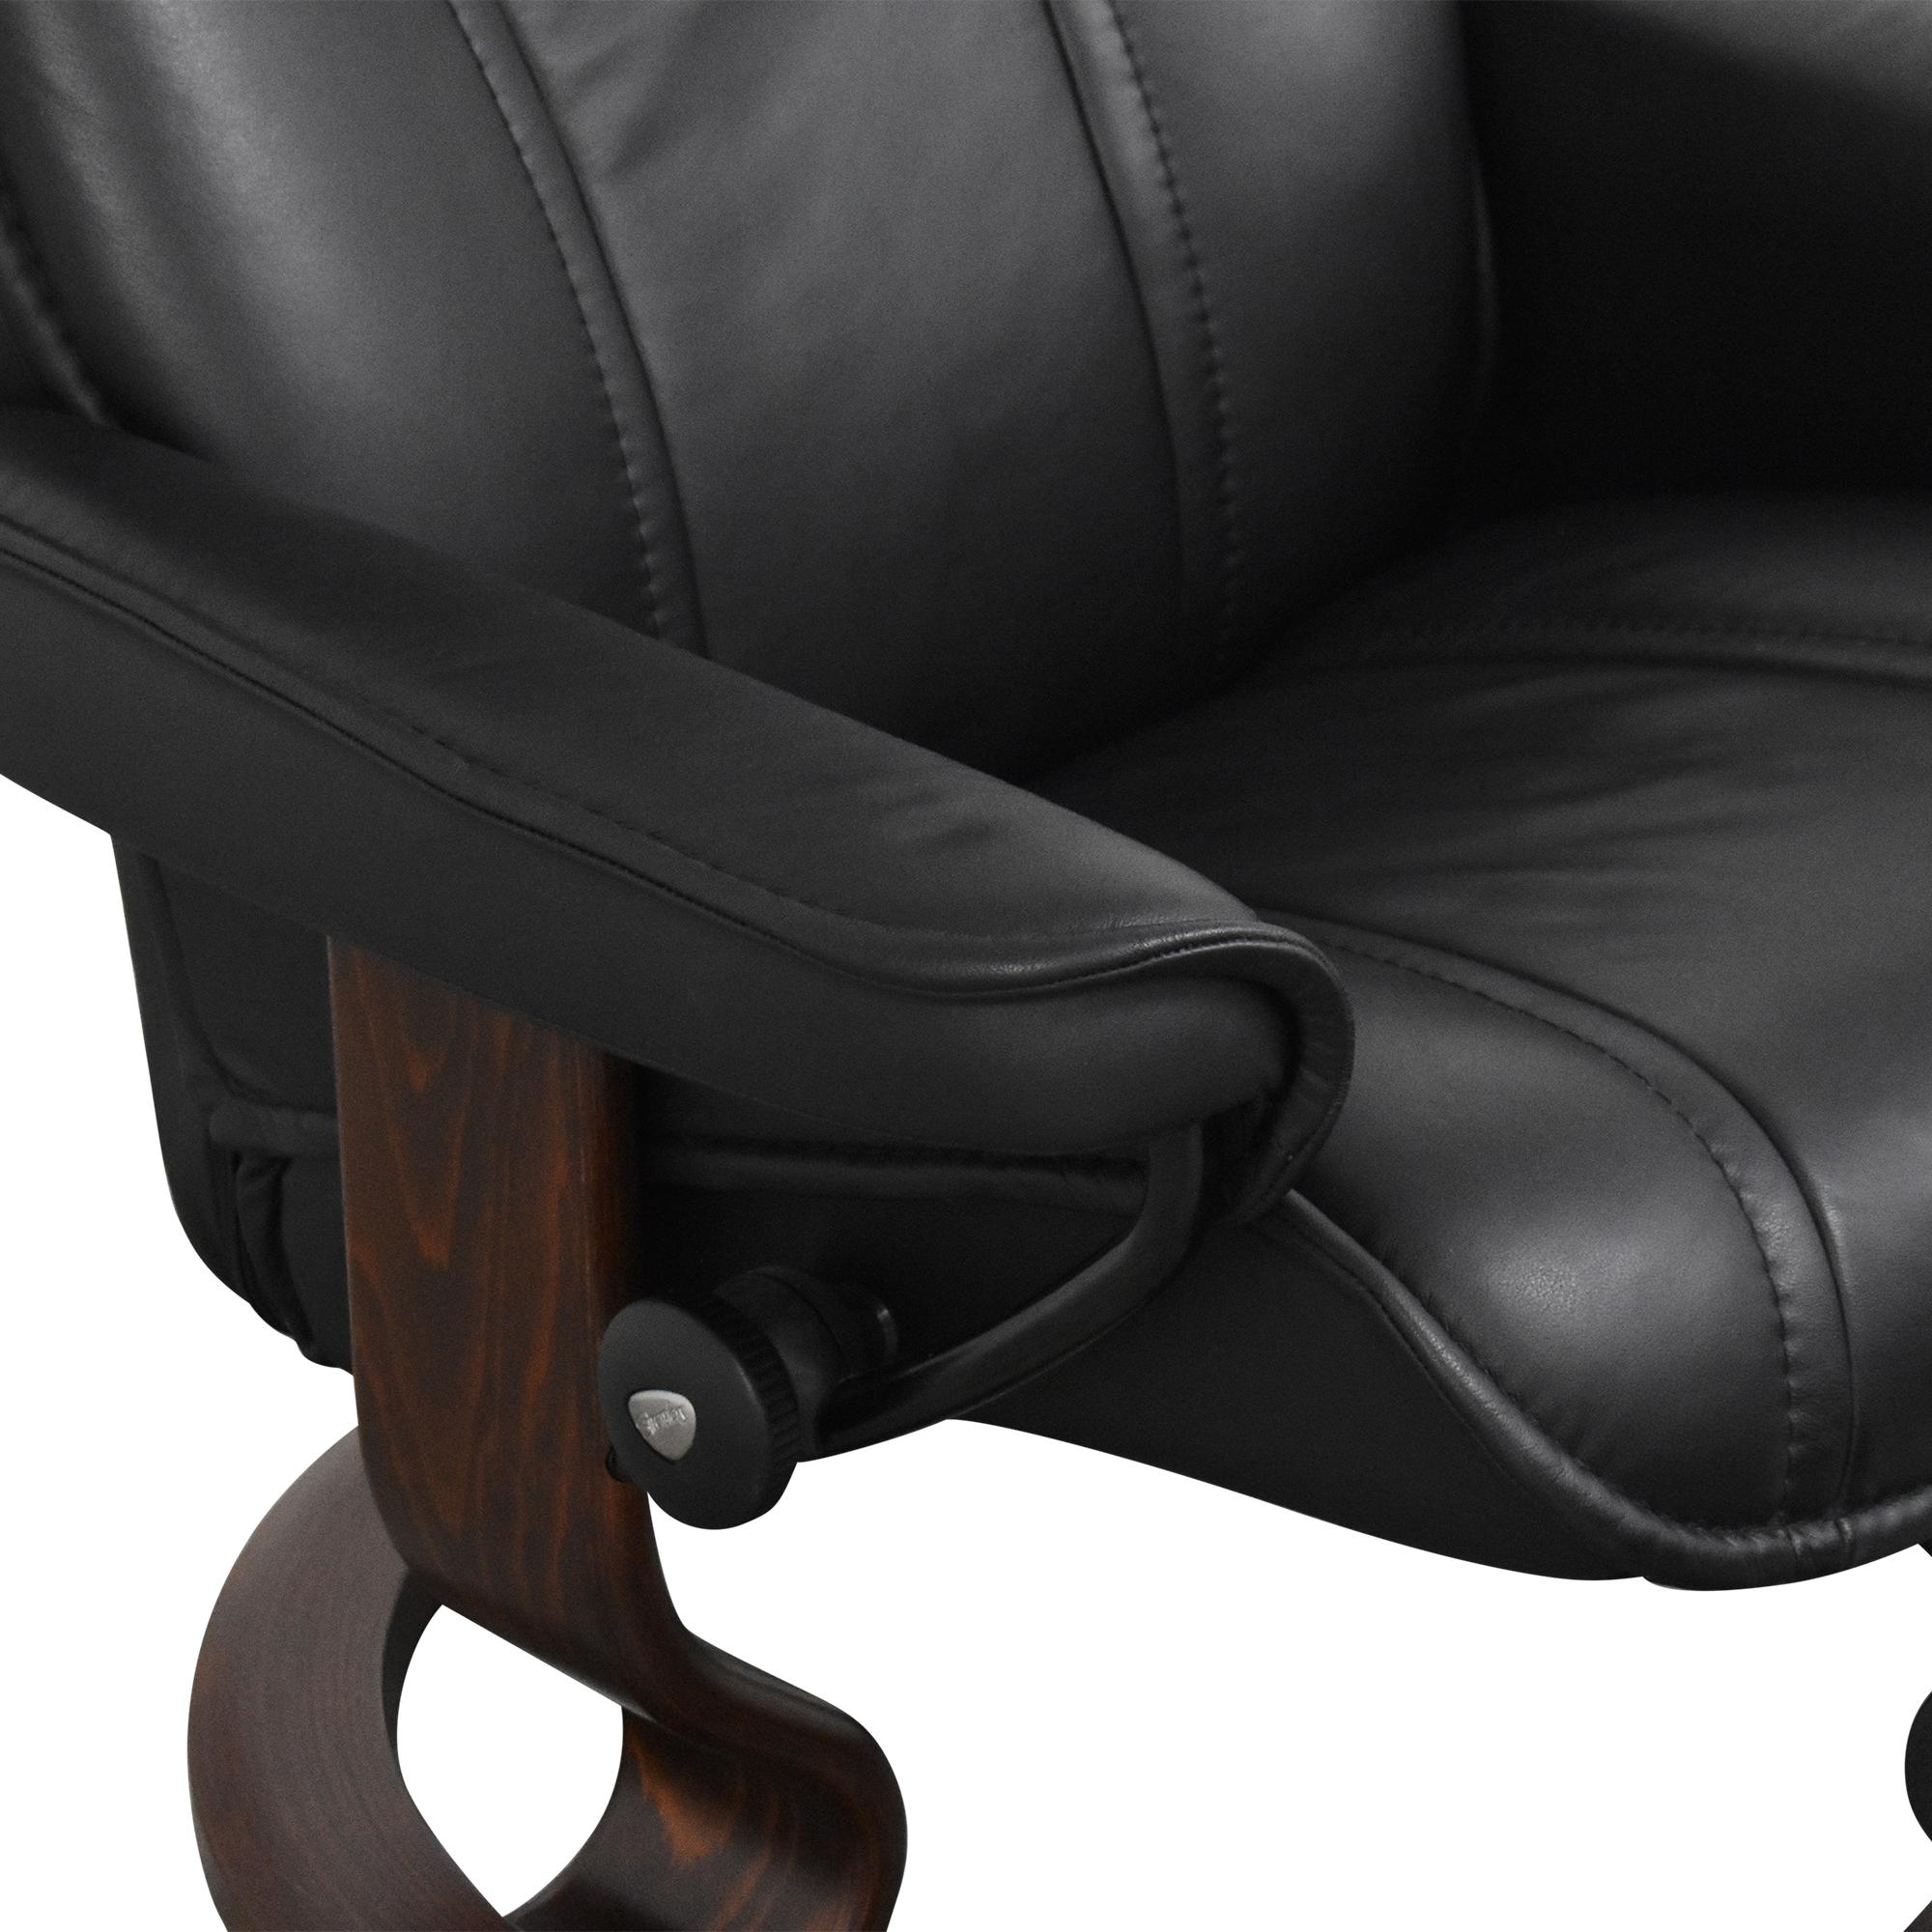 shop Ekornes Stressless Recliner with Ottoman  Ekornes Chairs